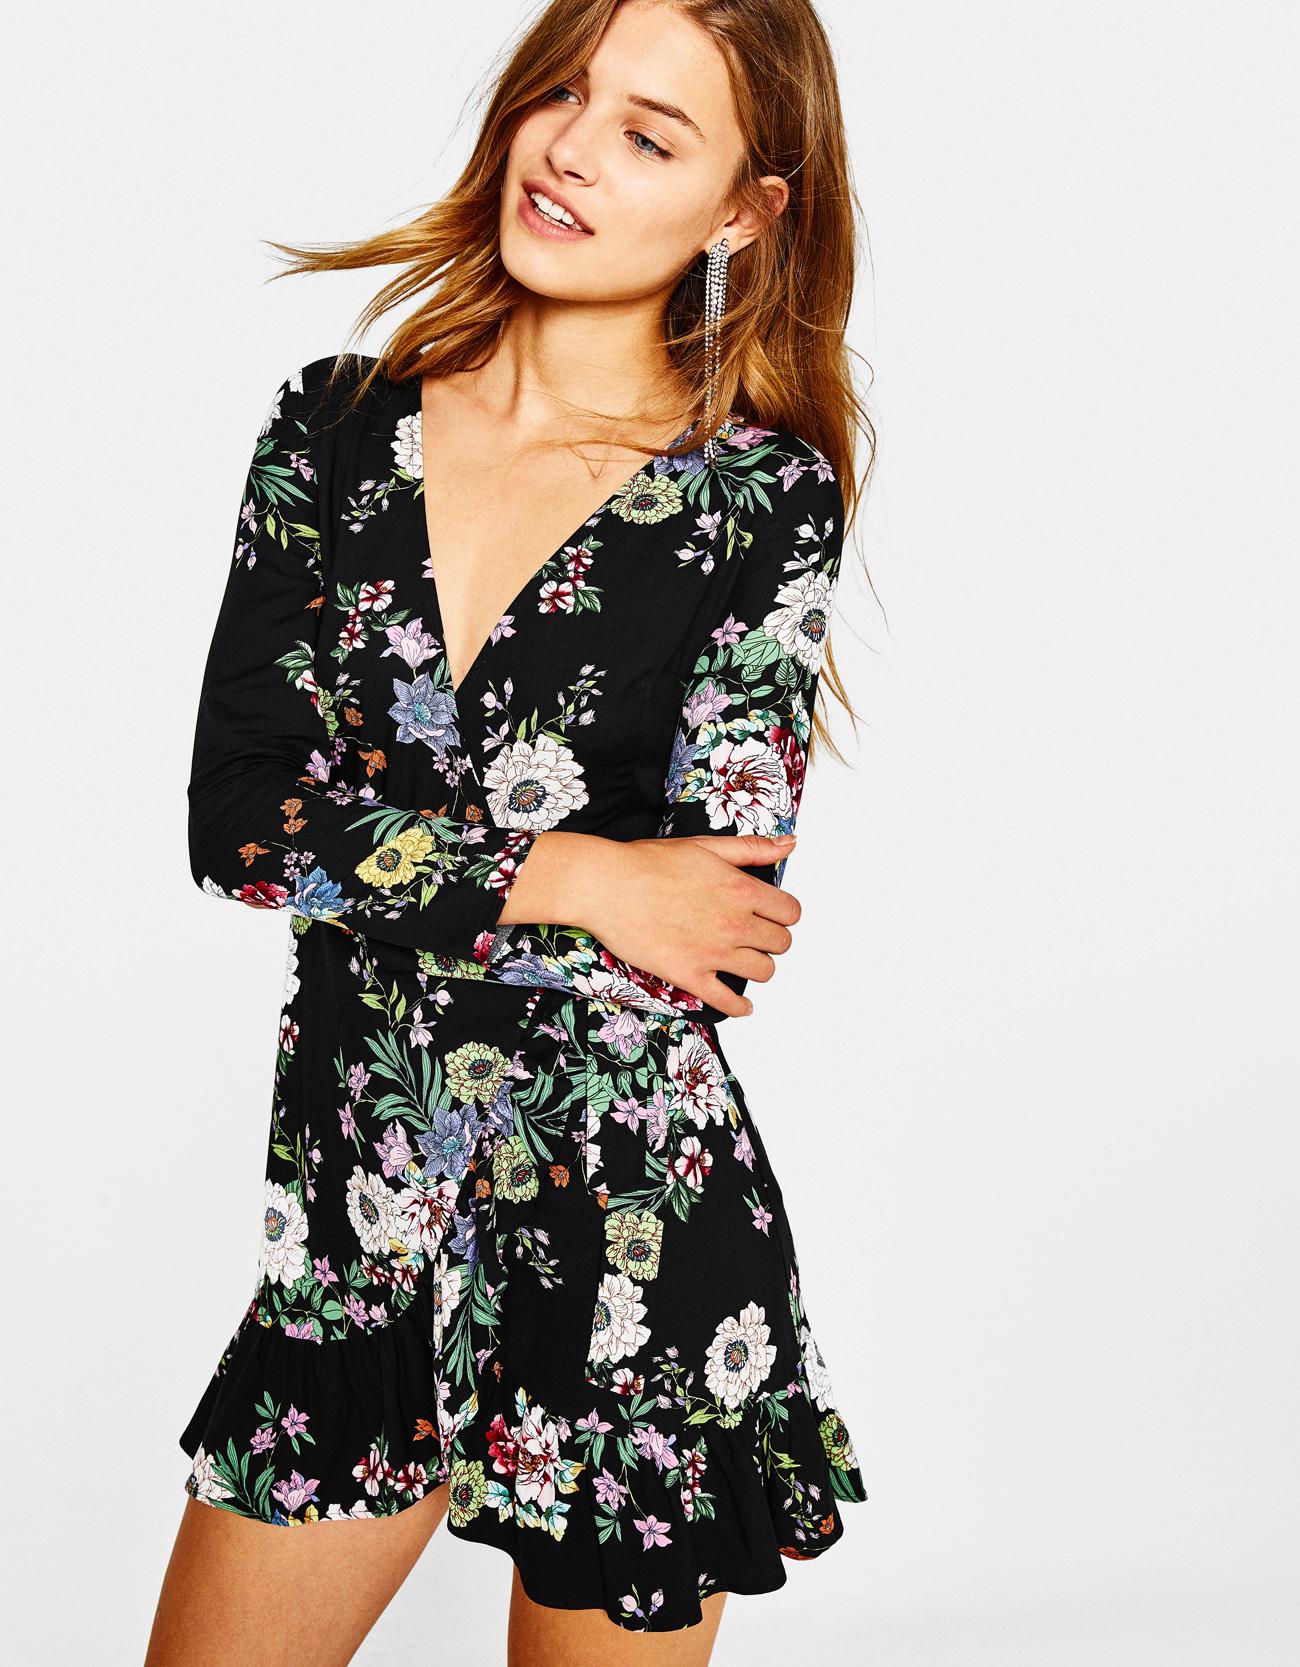 Estampado de flores en la ropa